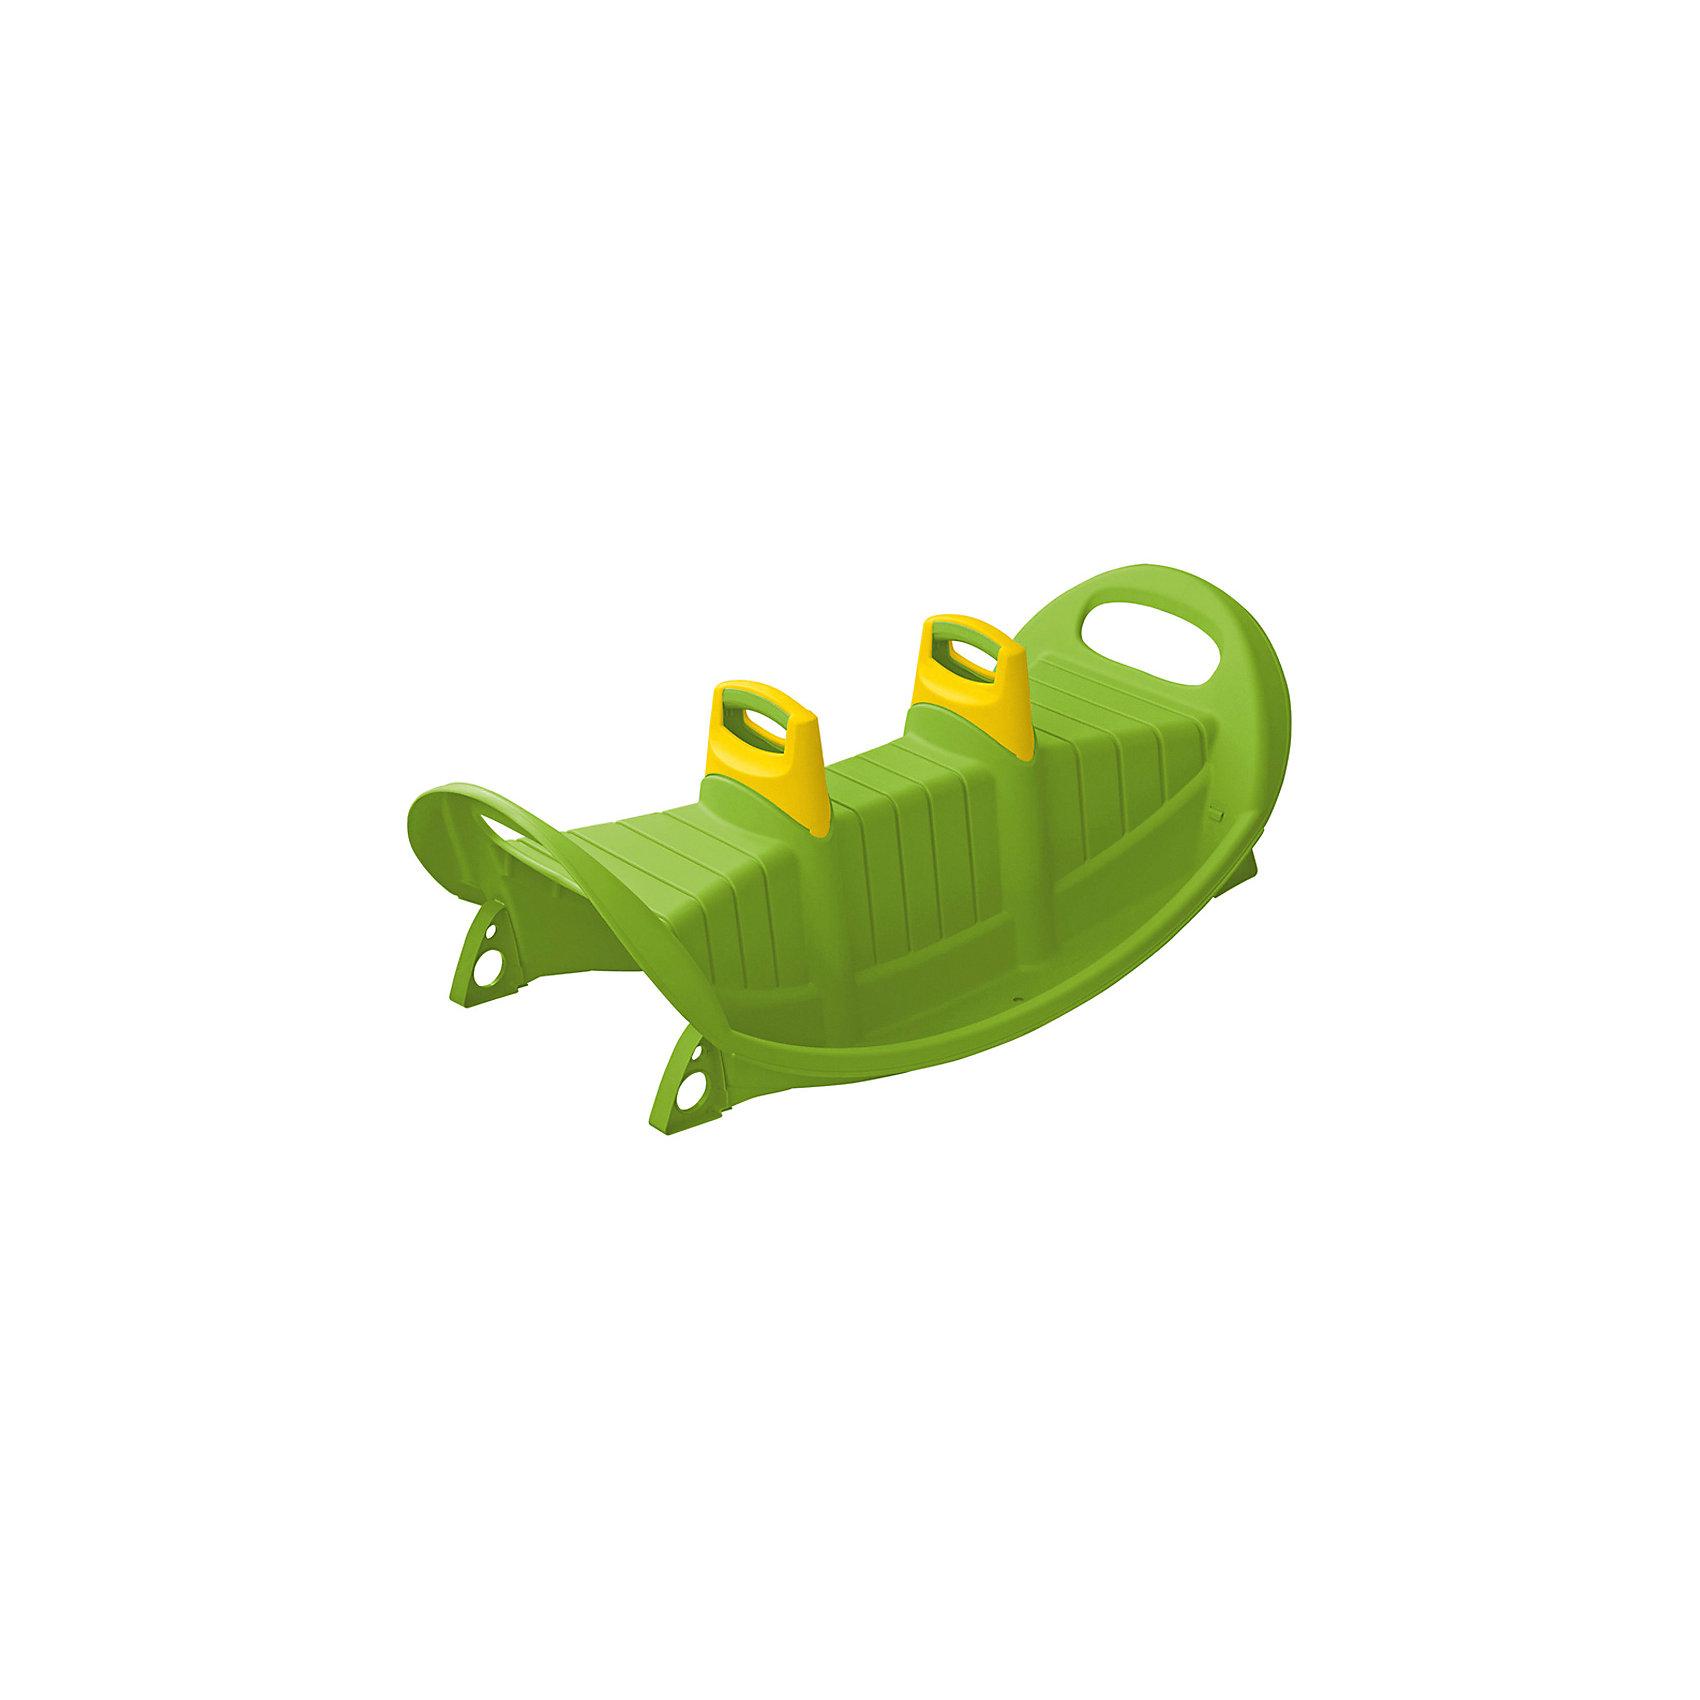 Качели Трио, зеленые, PalPlayКачели и качалки<br>Характеристики товара:<br><br>• возраст от 1,5 лет;<br>• материал: пластик;<br>• размер качелей 116x57x44,5 см;<br>• размер упаковки 116x57x44,5 см;<br>• вес упаковки 3,27 кг;<br>• страна производитель: Израиль.<br><br>Качели Трио Marian Plast зеленые разнообразят детскую прогулку на свежем воздухе, отдых на даче или игры с друзьями на детской площадке. Они оборудованы удобными ручками, за которые можно держаться во время катания, и 2 спинками по бокам. Внизу расположен бортик-подножка. На качелях могут кататься одновременно 3 малыша. Качели выполнены из прочного качественного пластика, безопасного для детей. Игрушка способствует развитию равновесия, координации движений, ловкости.<br><br>Качели Трио Marian Plast зеленые можно приобрести в нашем интернет-магазине.<br><br>Ширина мм: 1160<br>Глубина мм: 570<br>Высота мм: 445<br>Вес г: 3270<br>Возраст от месяцев: 18<br>Возраст до месяцев: 96<br>Пол: Унисекс<br>Возраст: Детский<br>SKU: 5622520